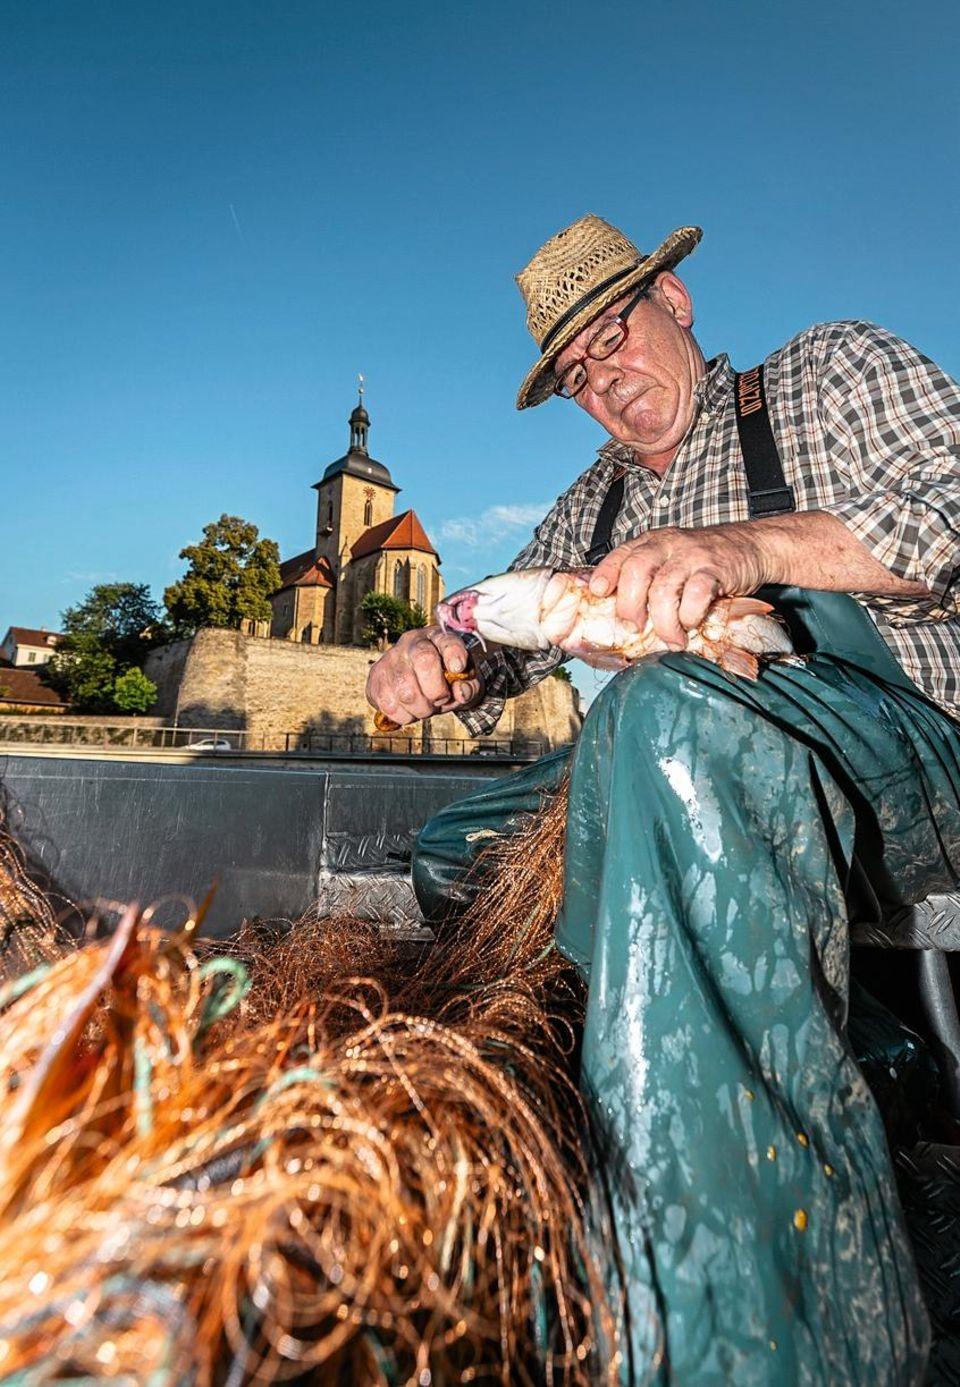 Jürgen Seybold sitzt, mit Fisch in der Hand, an seinem Netz